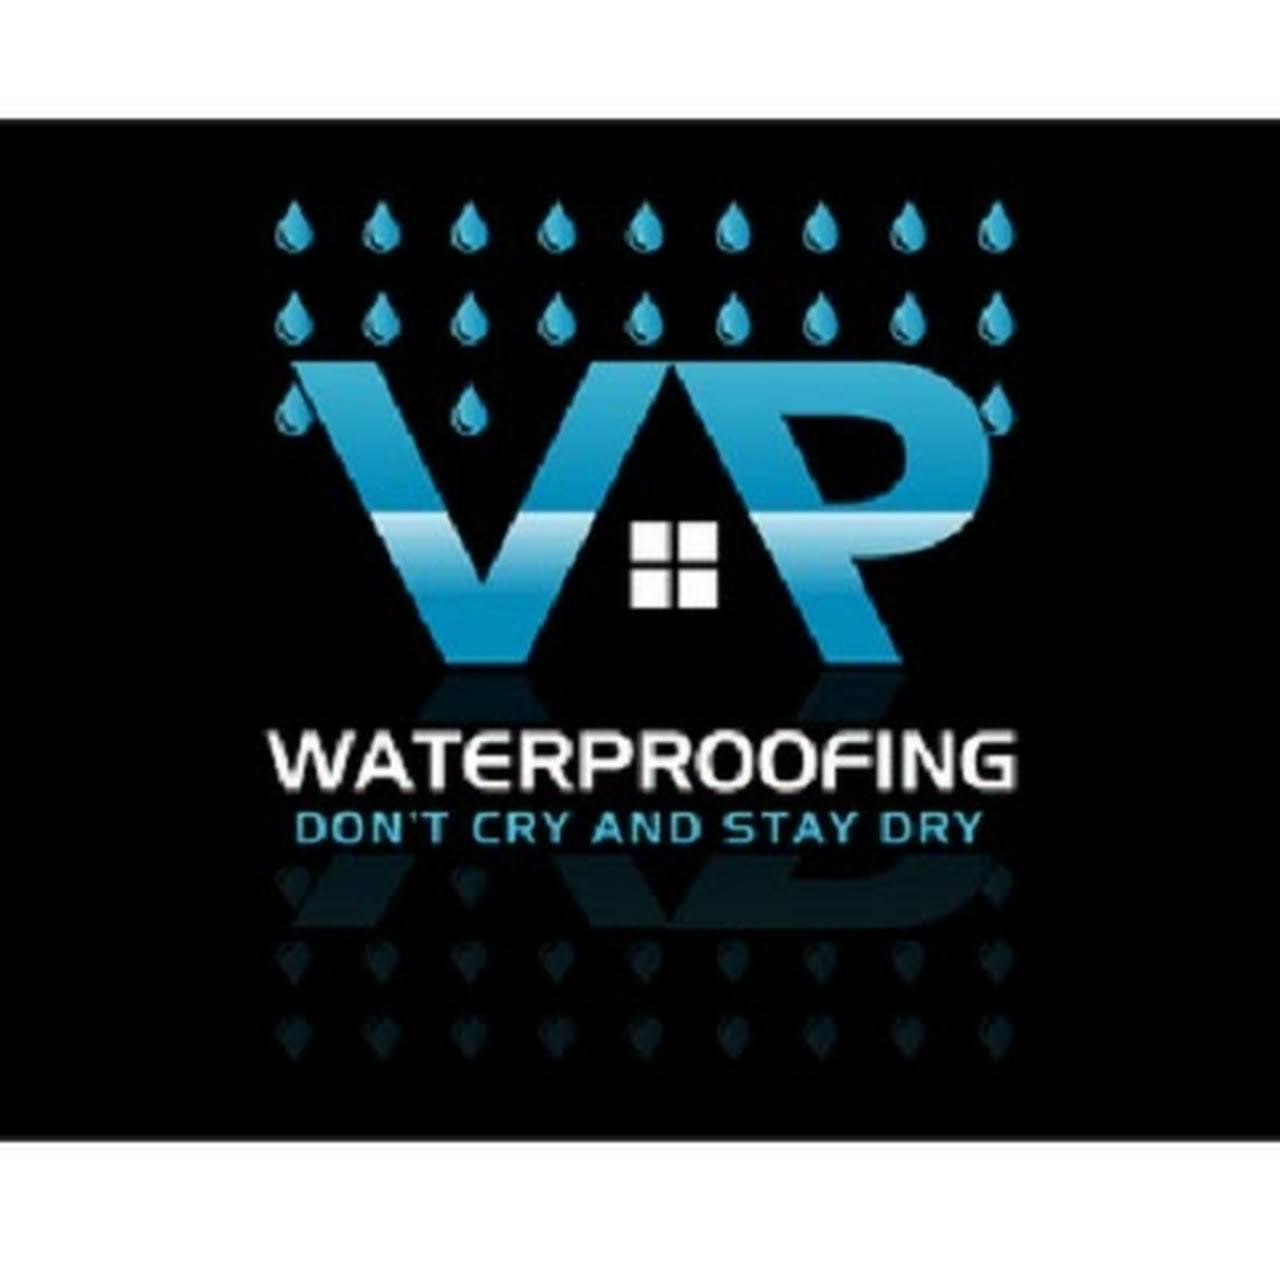 VP Waterproofing